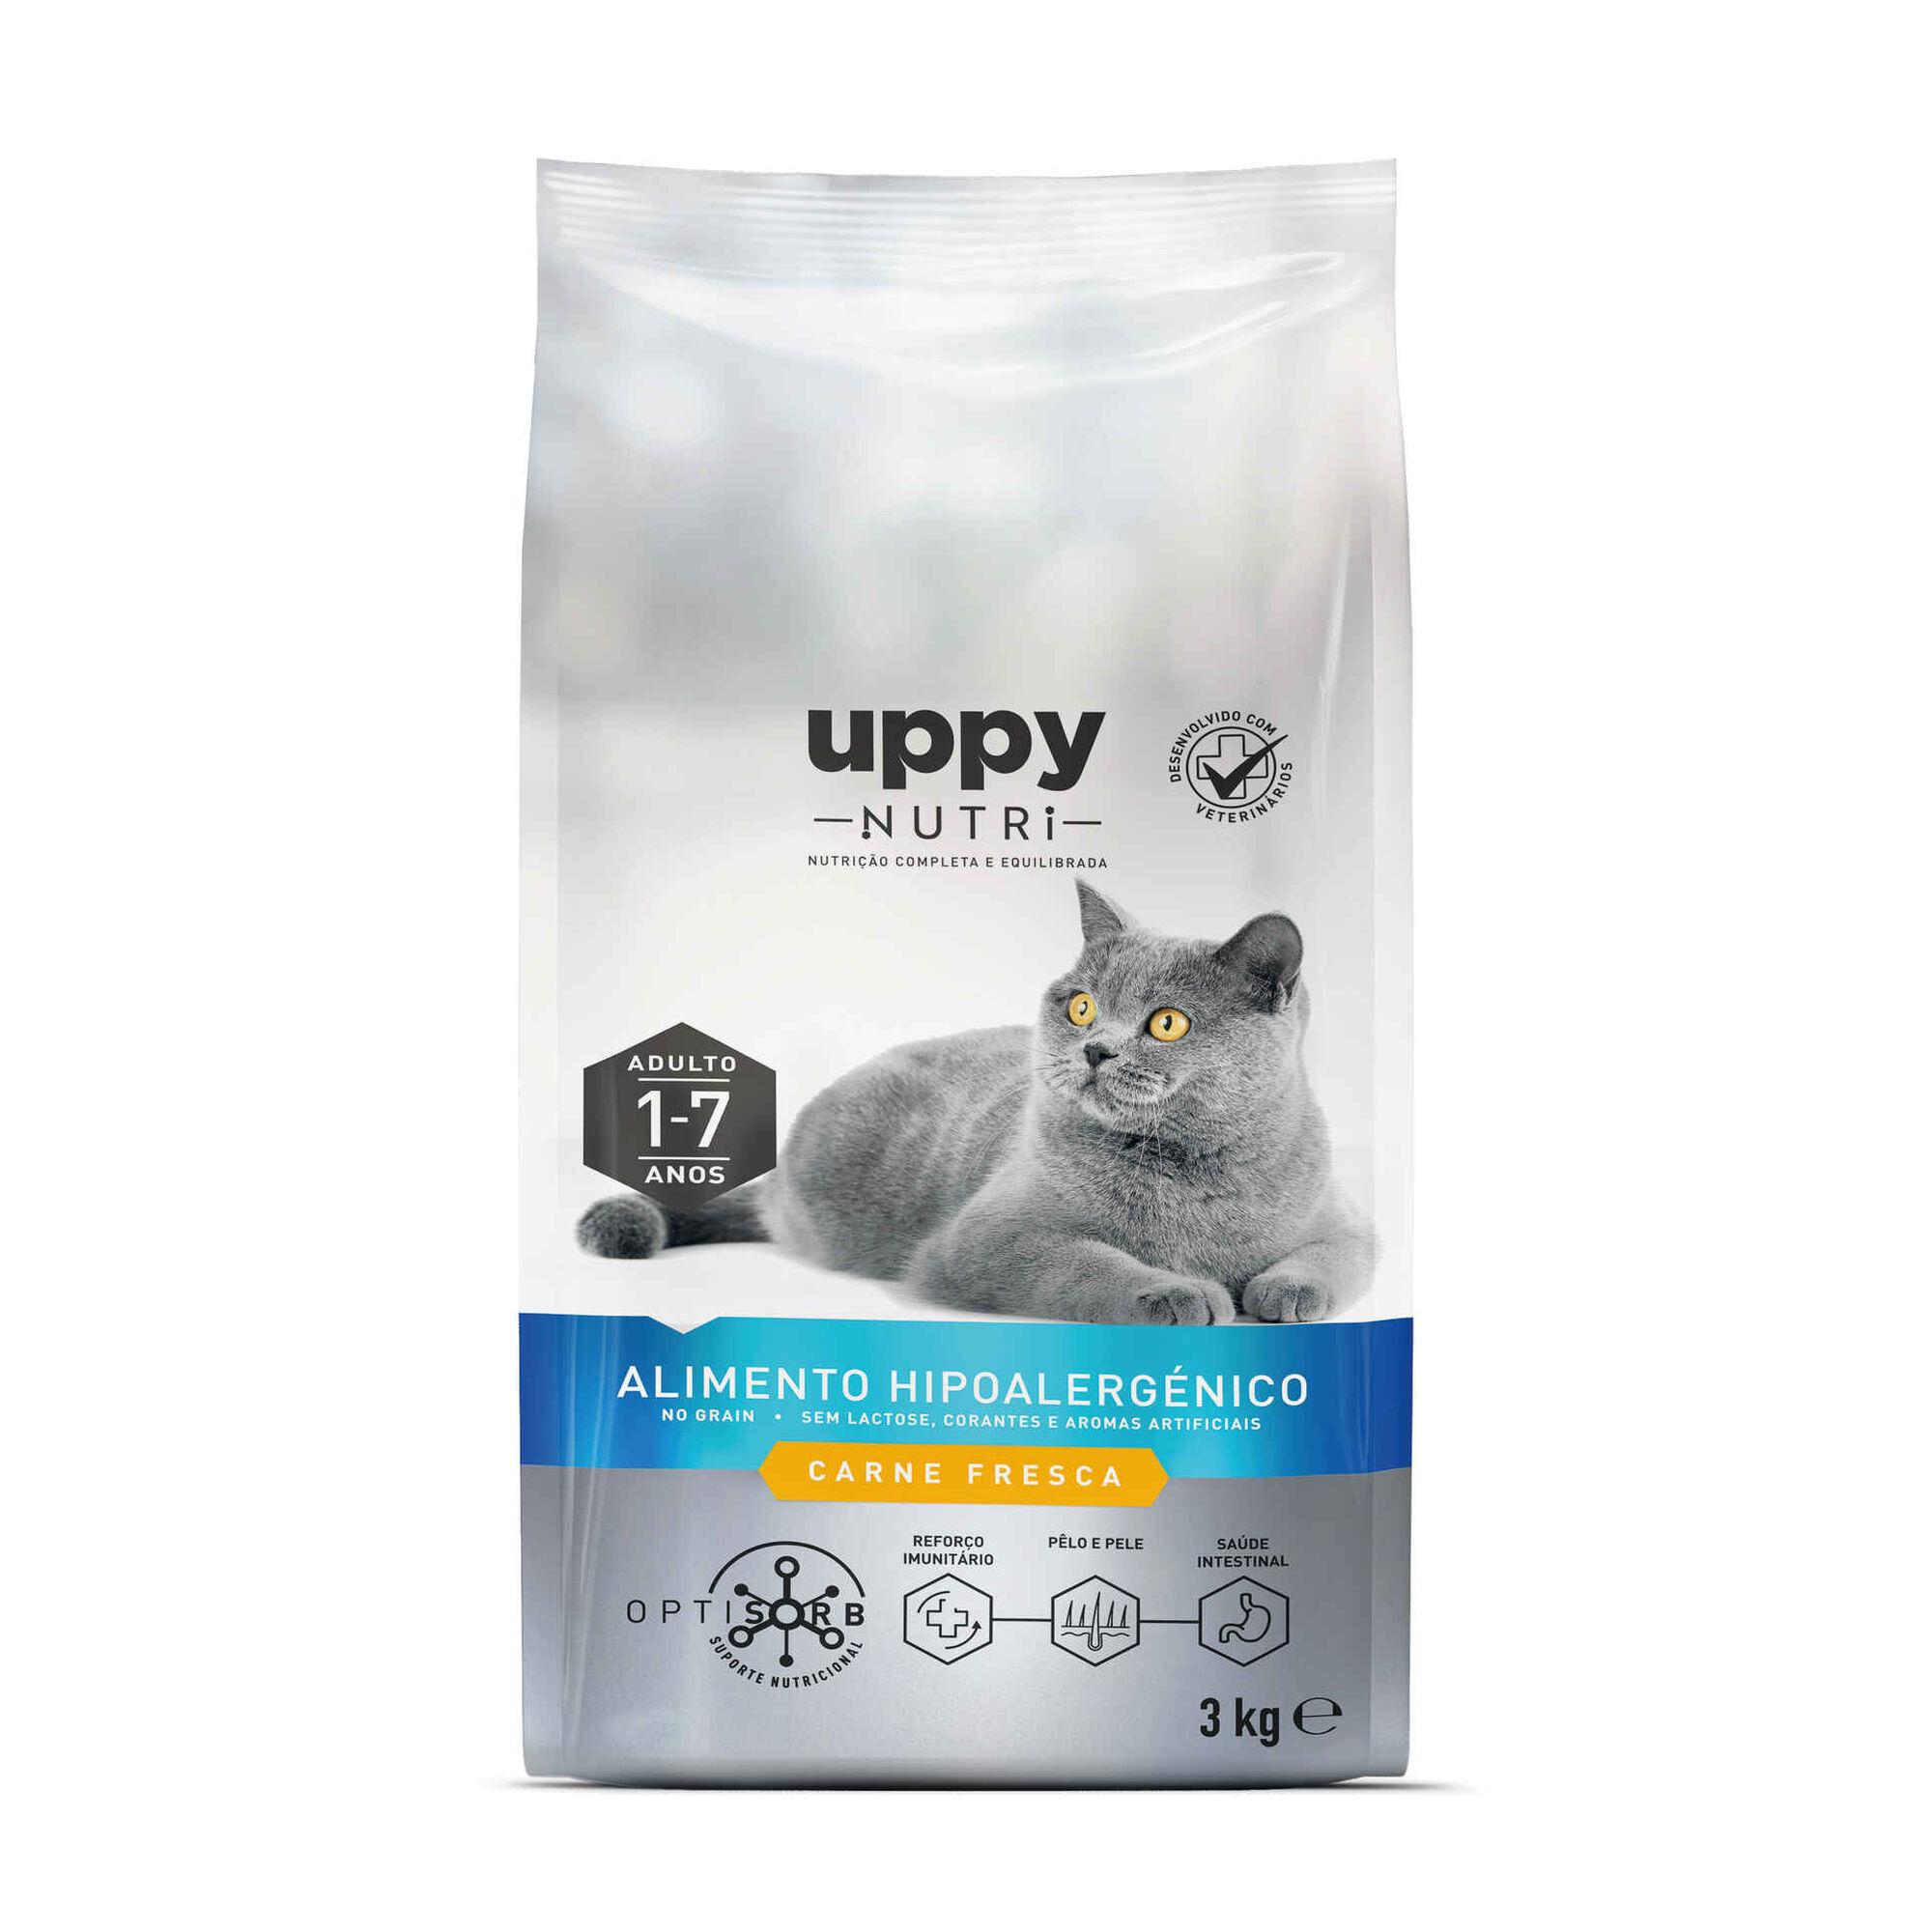 Ração para Gato Adulto Nutri Grain Free Frango